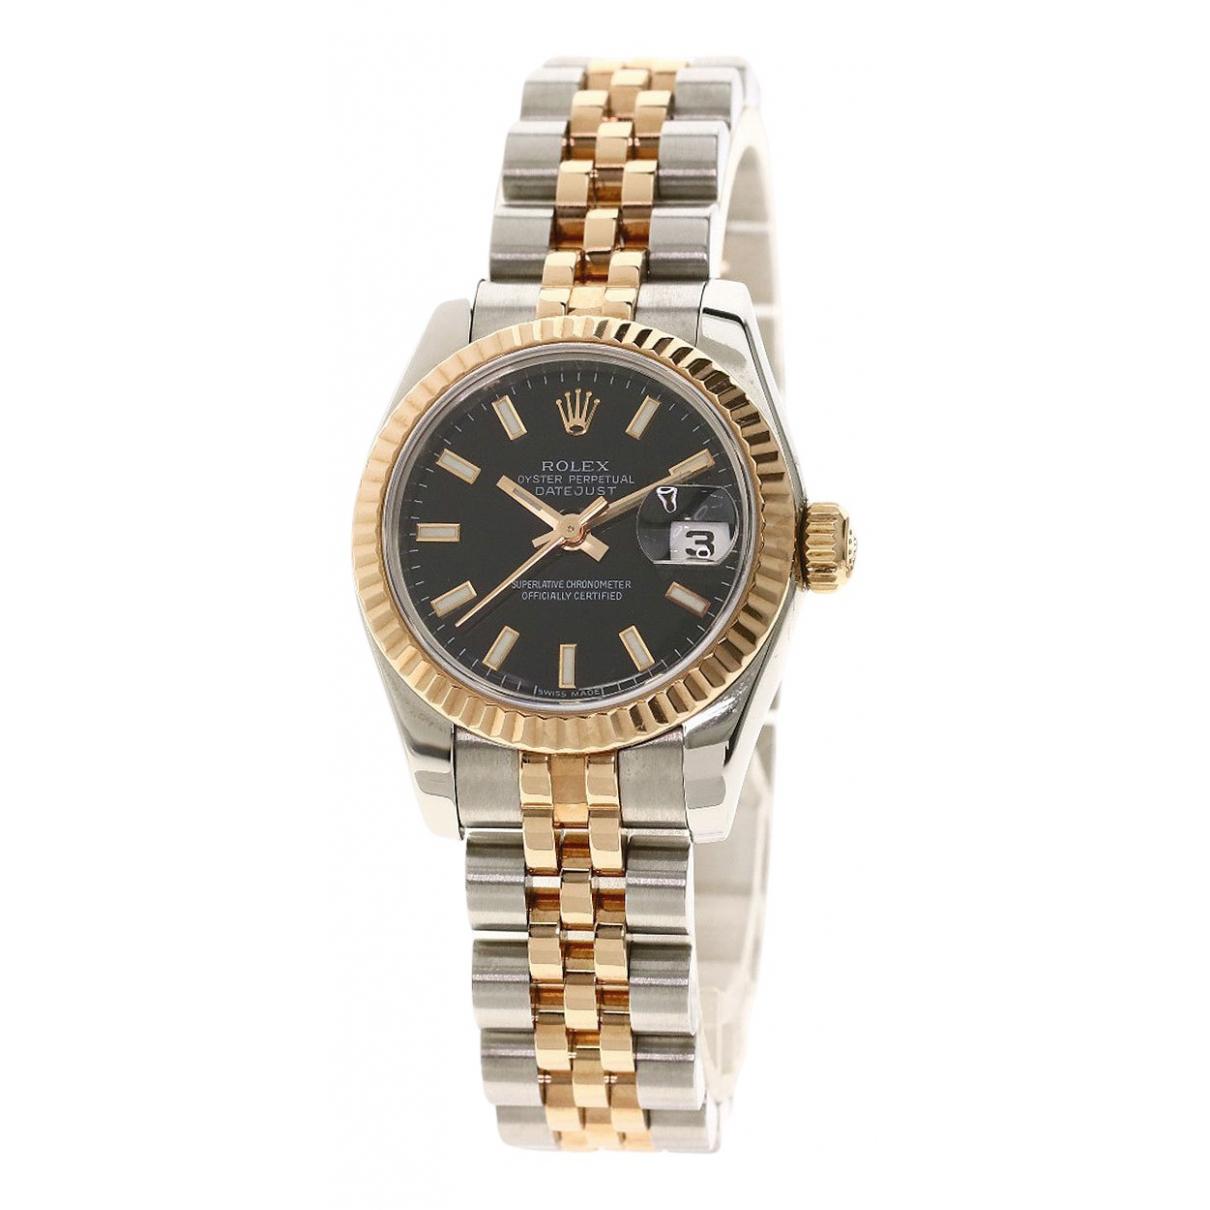 Rolex Lady DateJust 26mm Uhr in  Gold Gold und Stahl